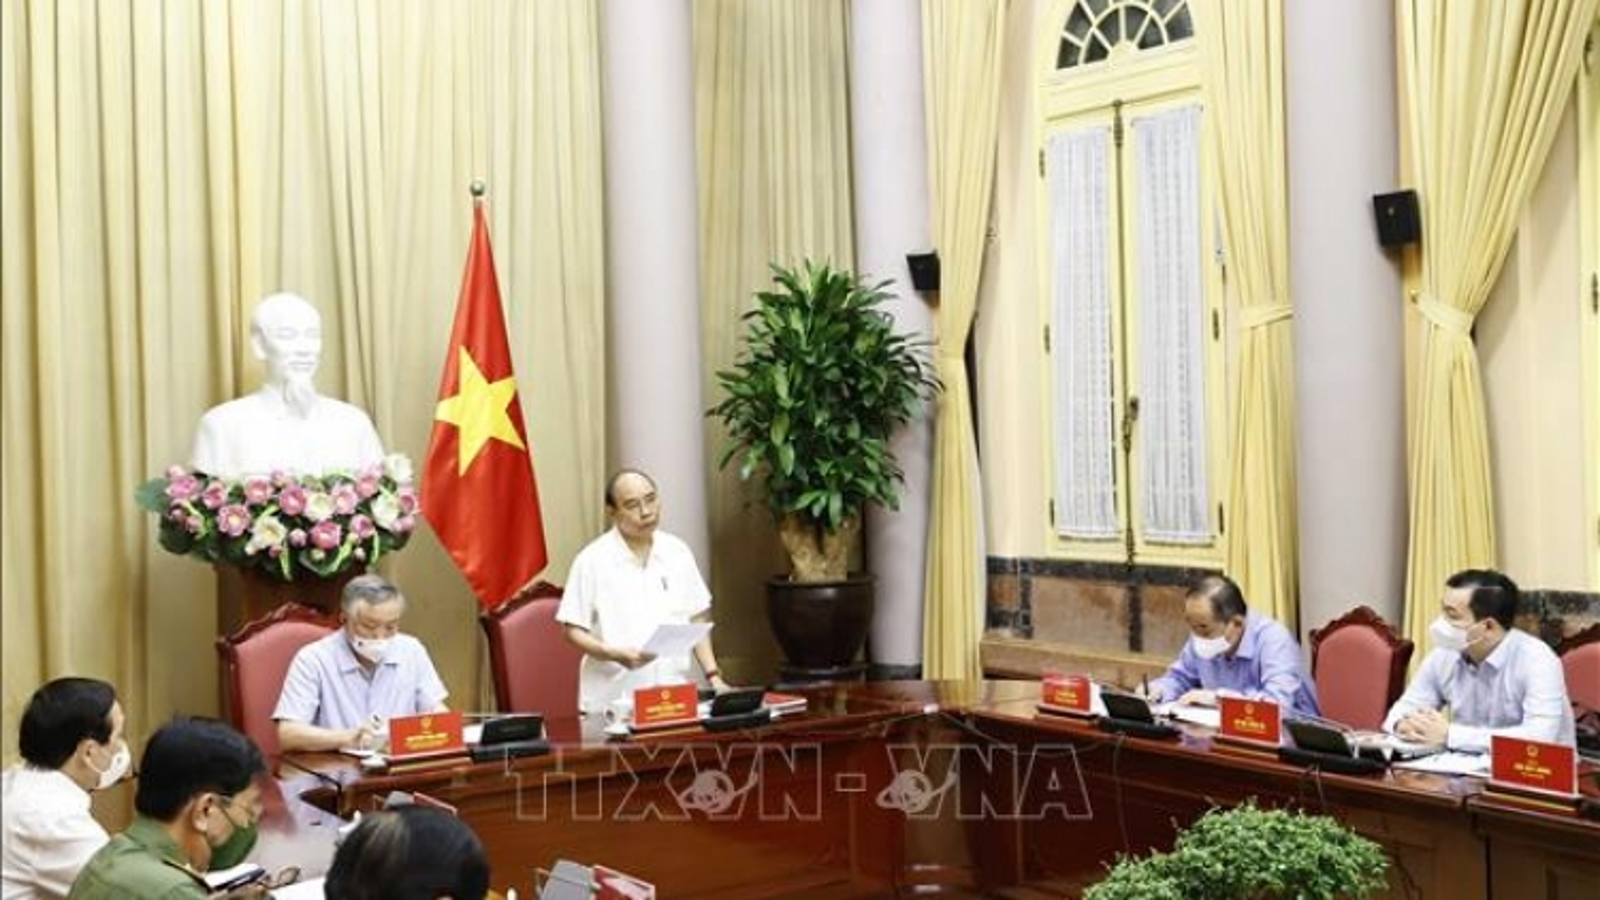 Chủ tịch nước làm việc với các cơ quan về giải quyết hồ sơ án tử hình